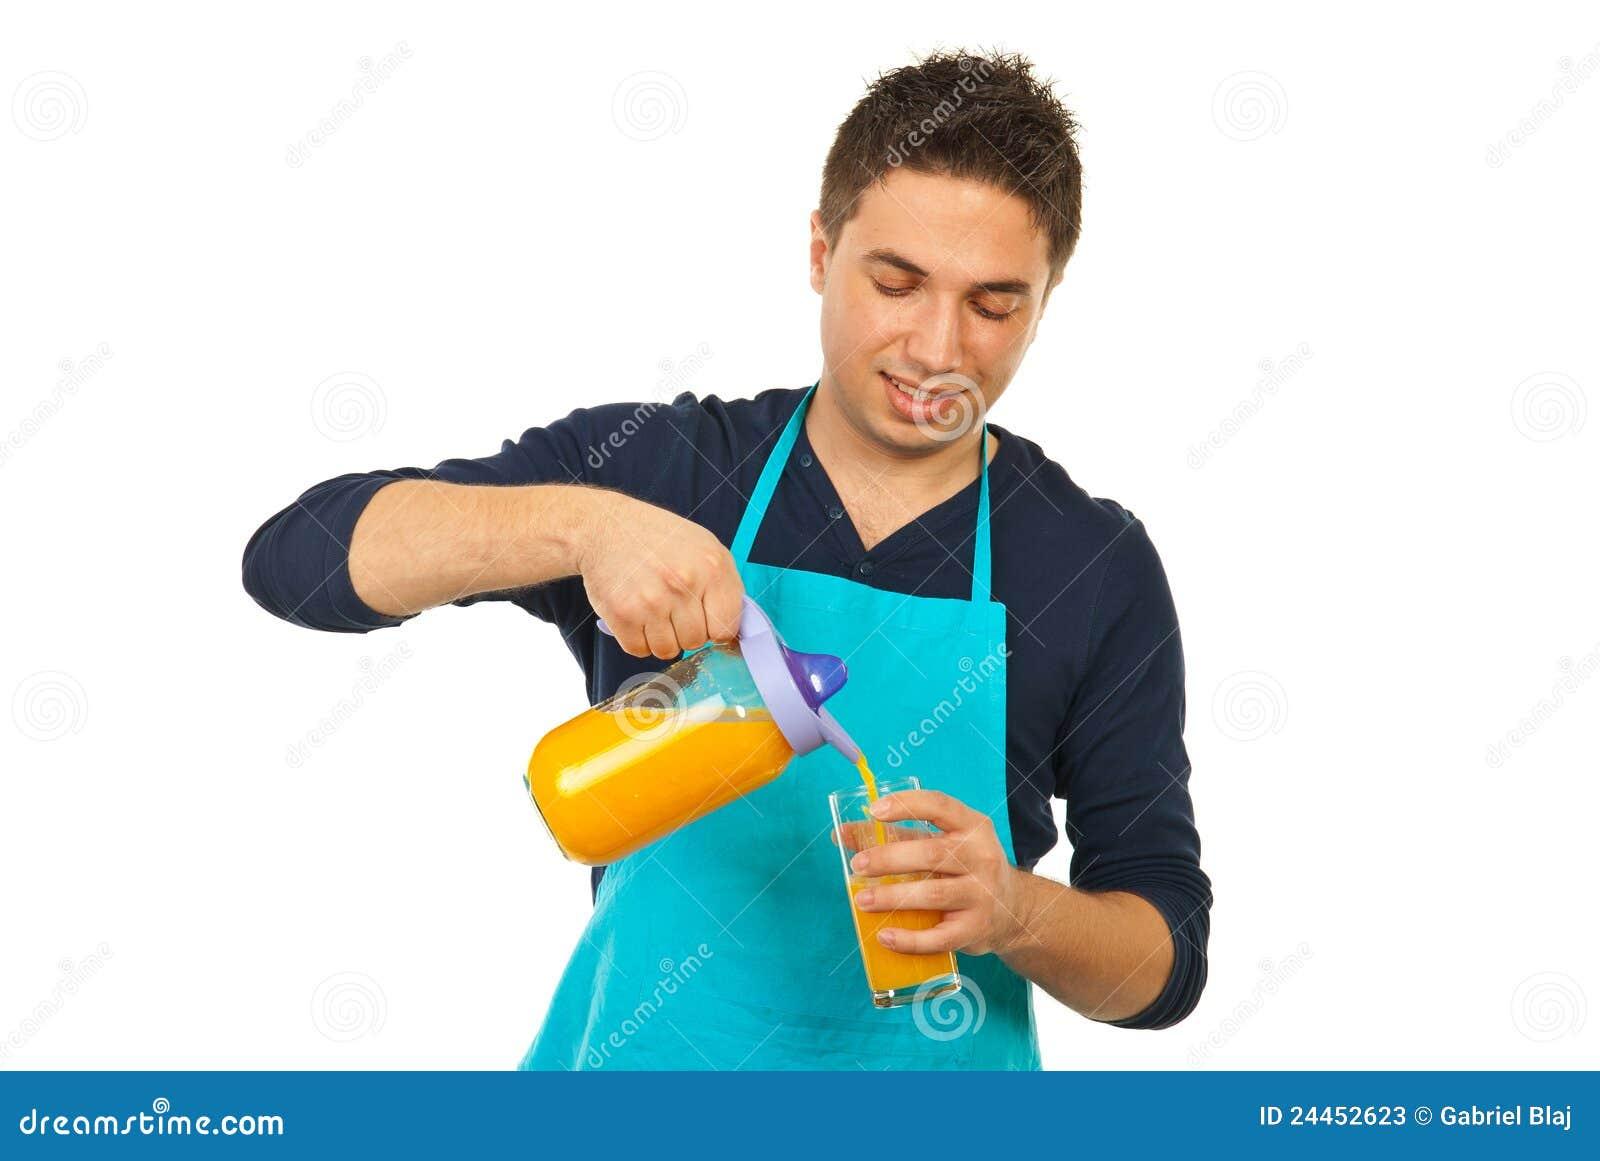 happy-chef-man-pouring-orange-juice-2445